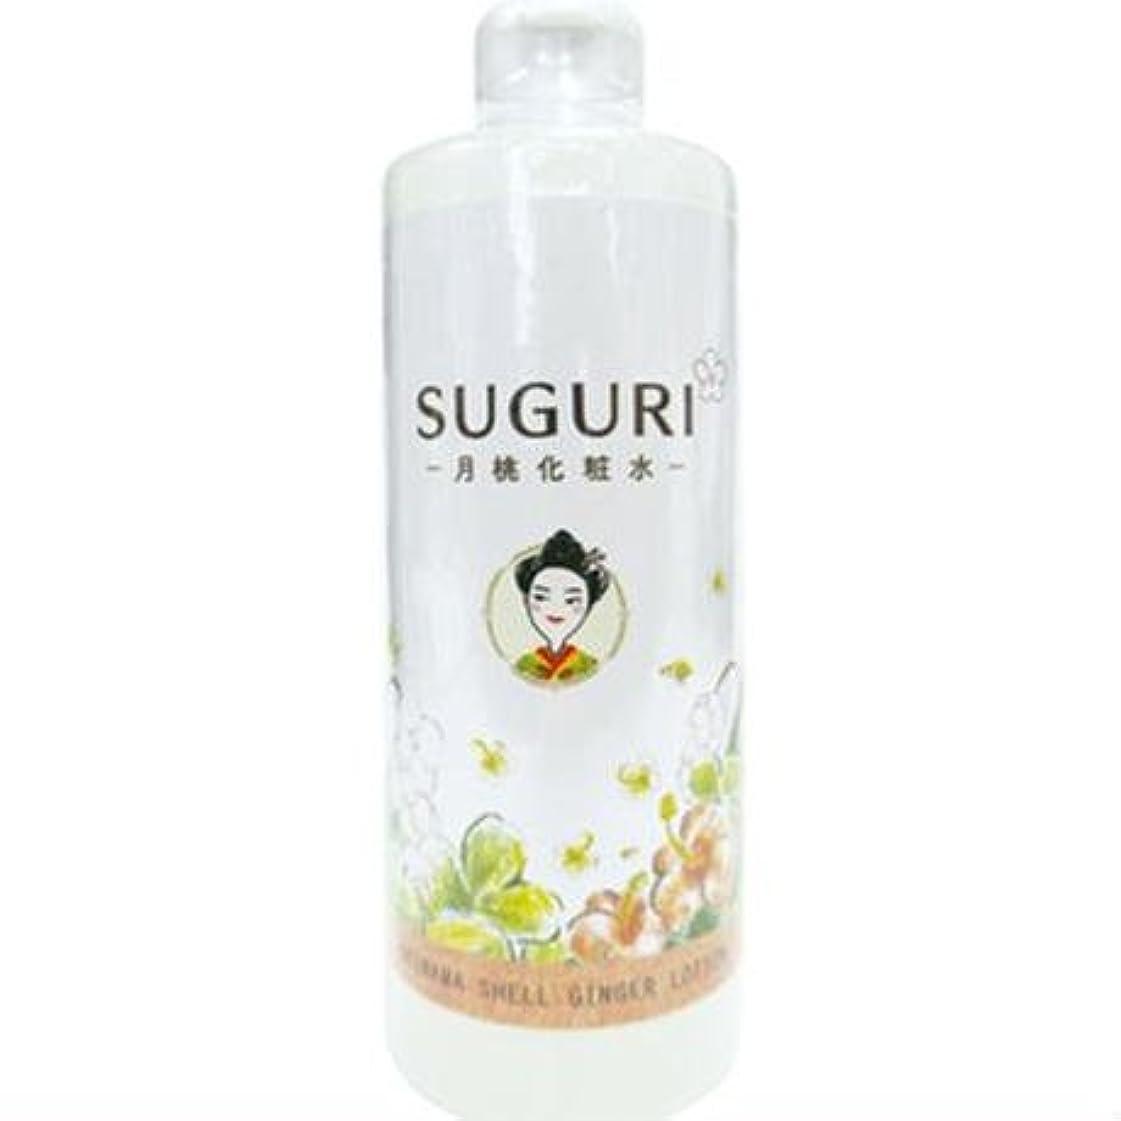 ちらつききれいに値下げSUGURI(スグリ) 月桃化粧水 ゲットウ 300ml